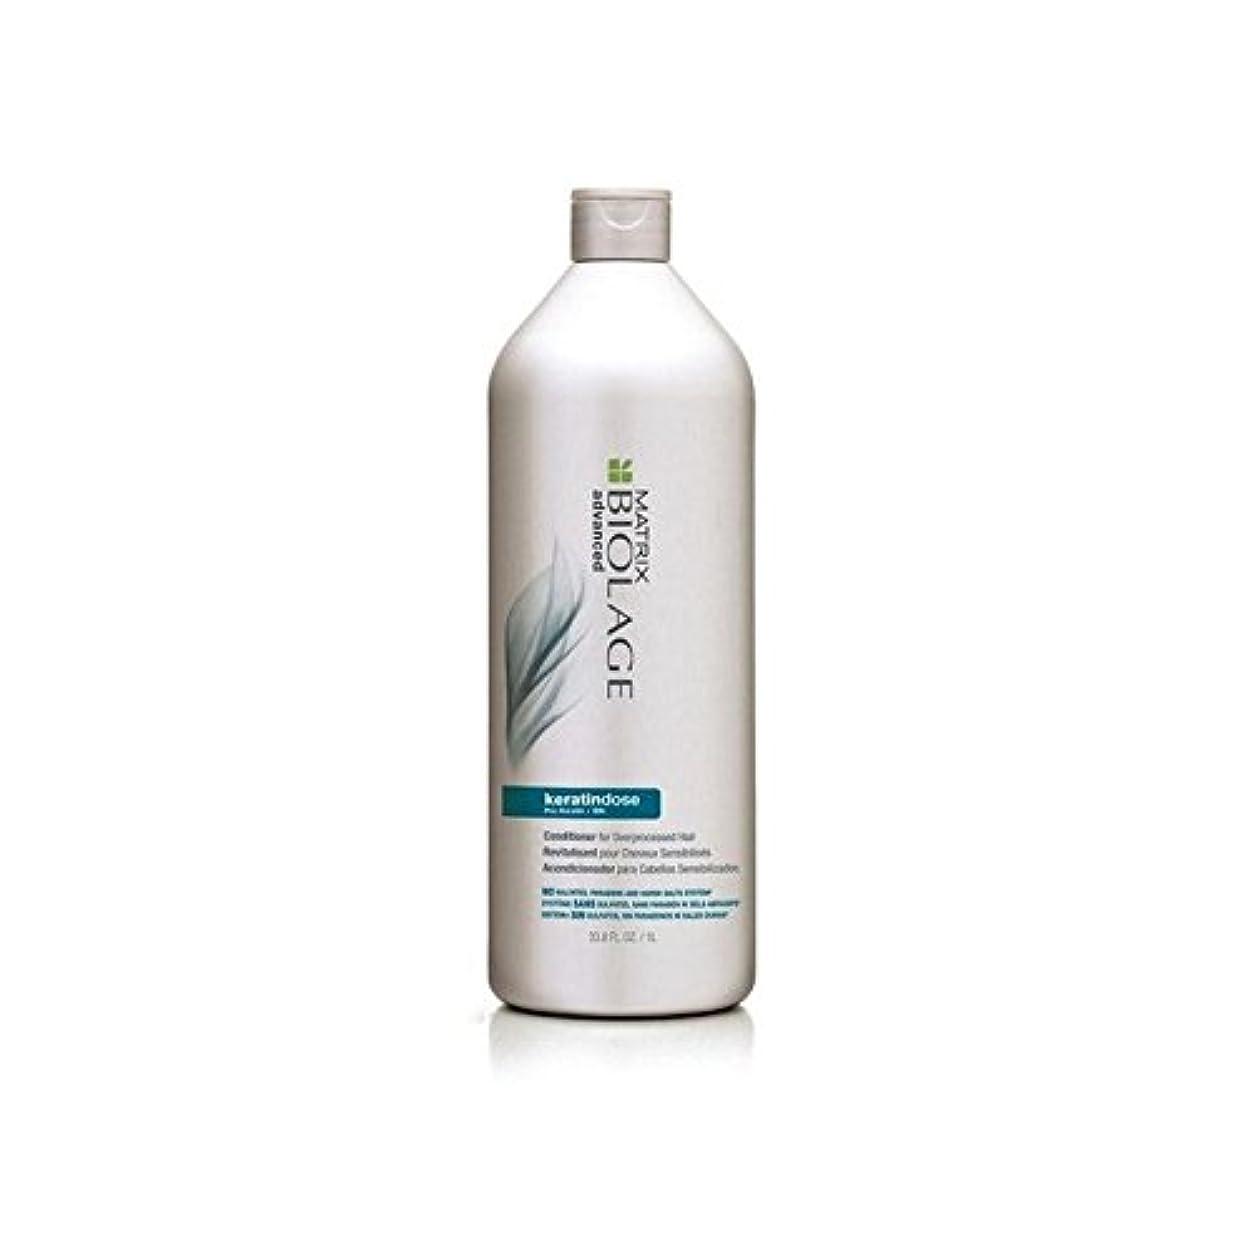 アスペクト壁バリーマトリックスバイオレイジコンディショナー(千ミリリットル) x4 - Matrix Biolage Keratindose Conditioner (1000ml) (Pack of 4) [並行輸入品]